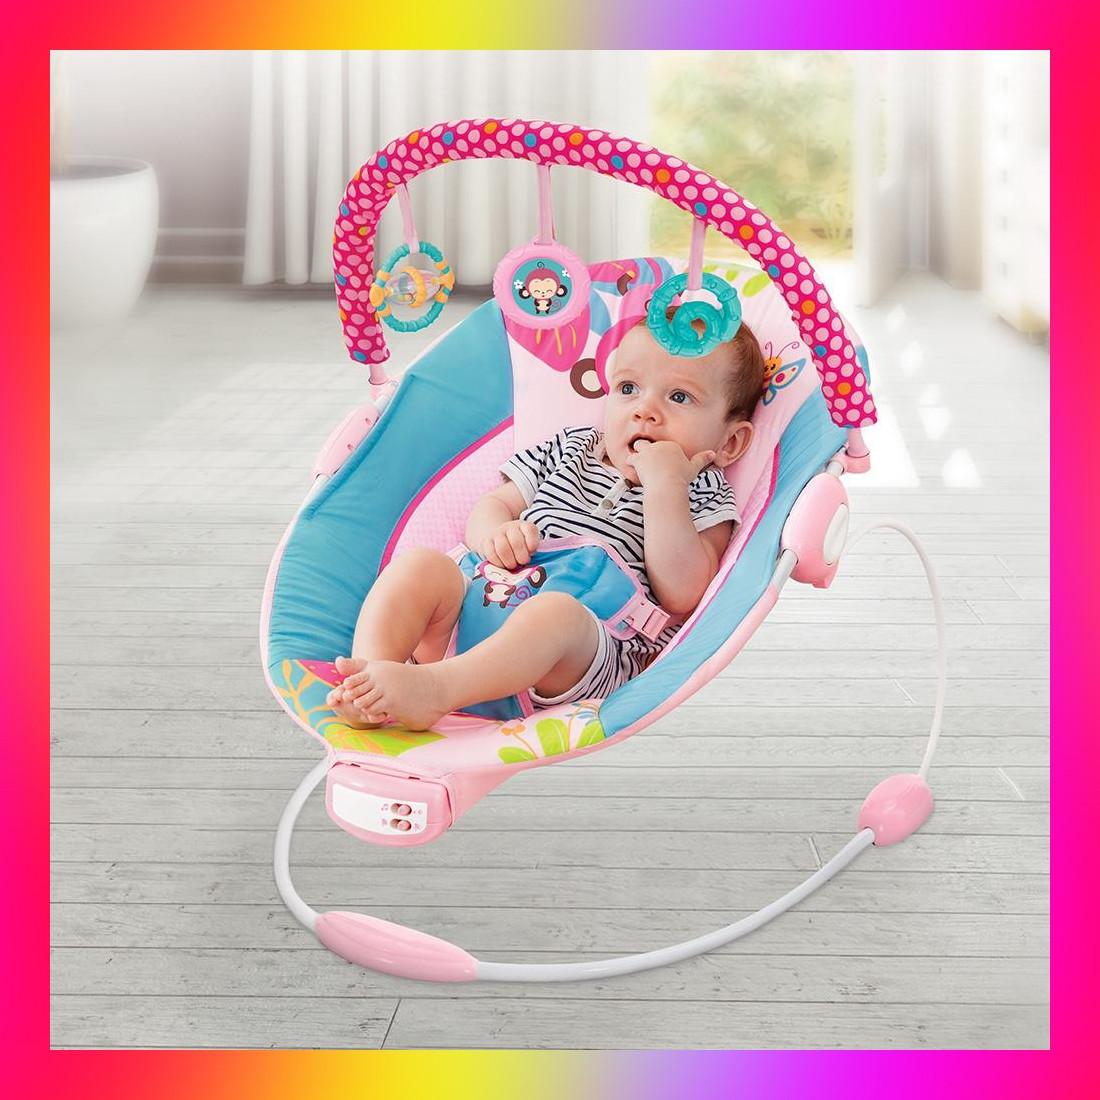 Детский напольный музыкальный шезлонг-баунсер Mastela сине-розовый цвет. кресло качалка для детей